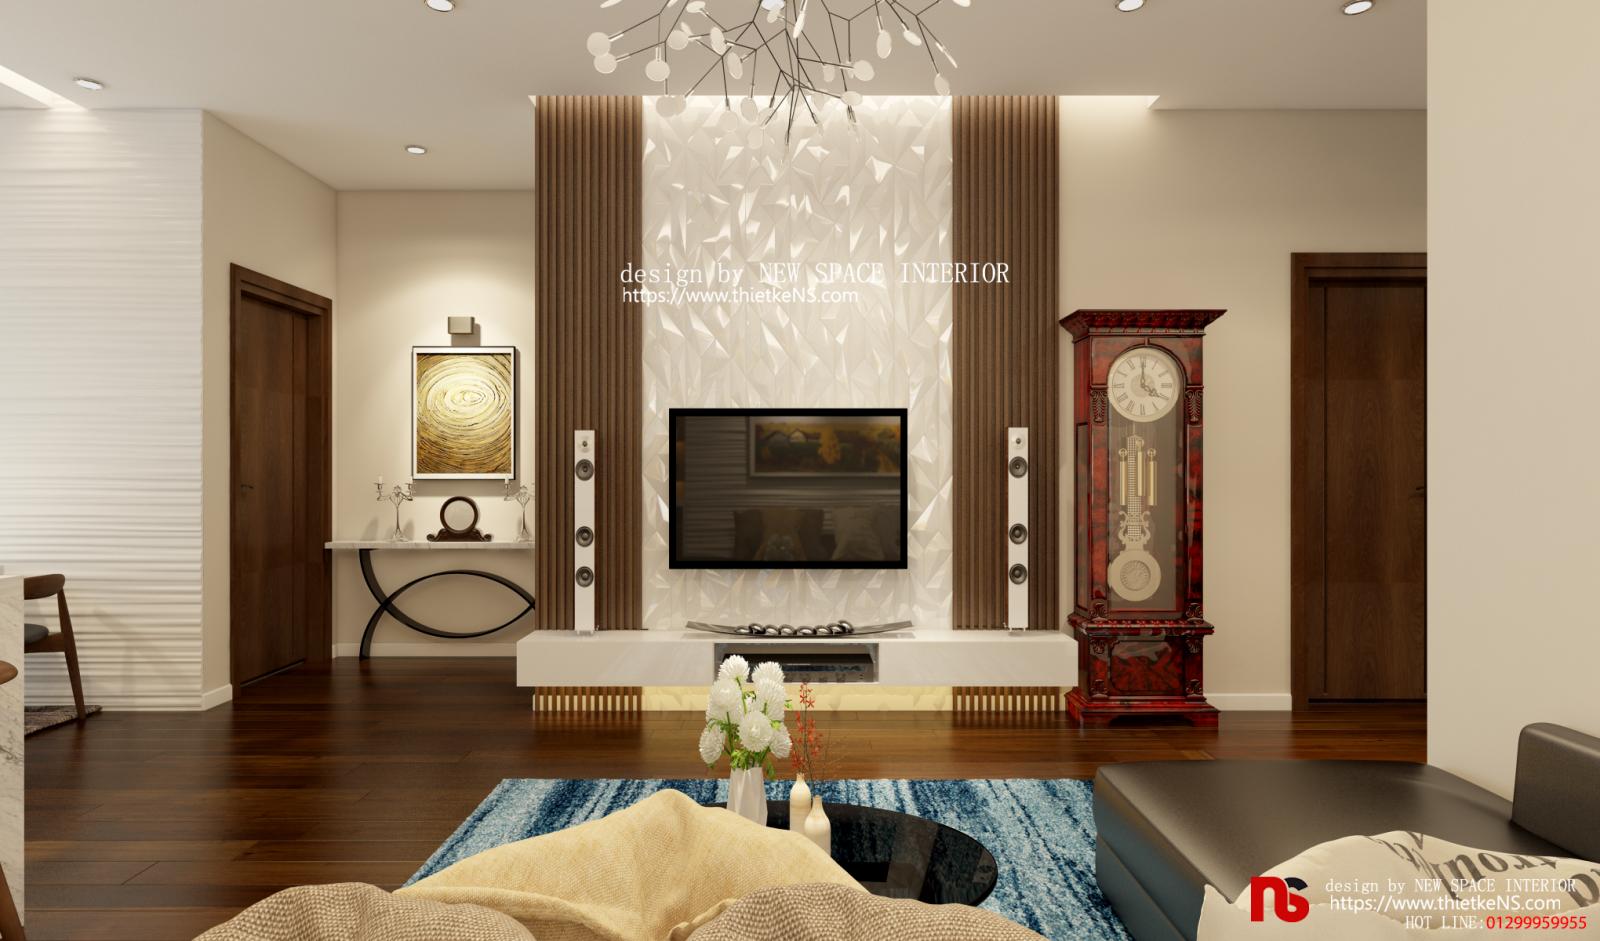 Thiết kế nội thất chung cư EMERALD CT8 Mỹ Đình 02